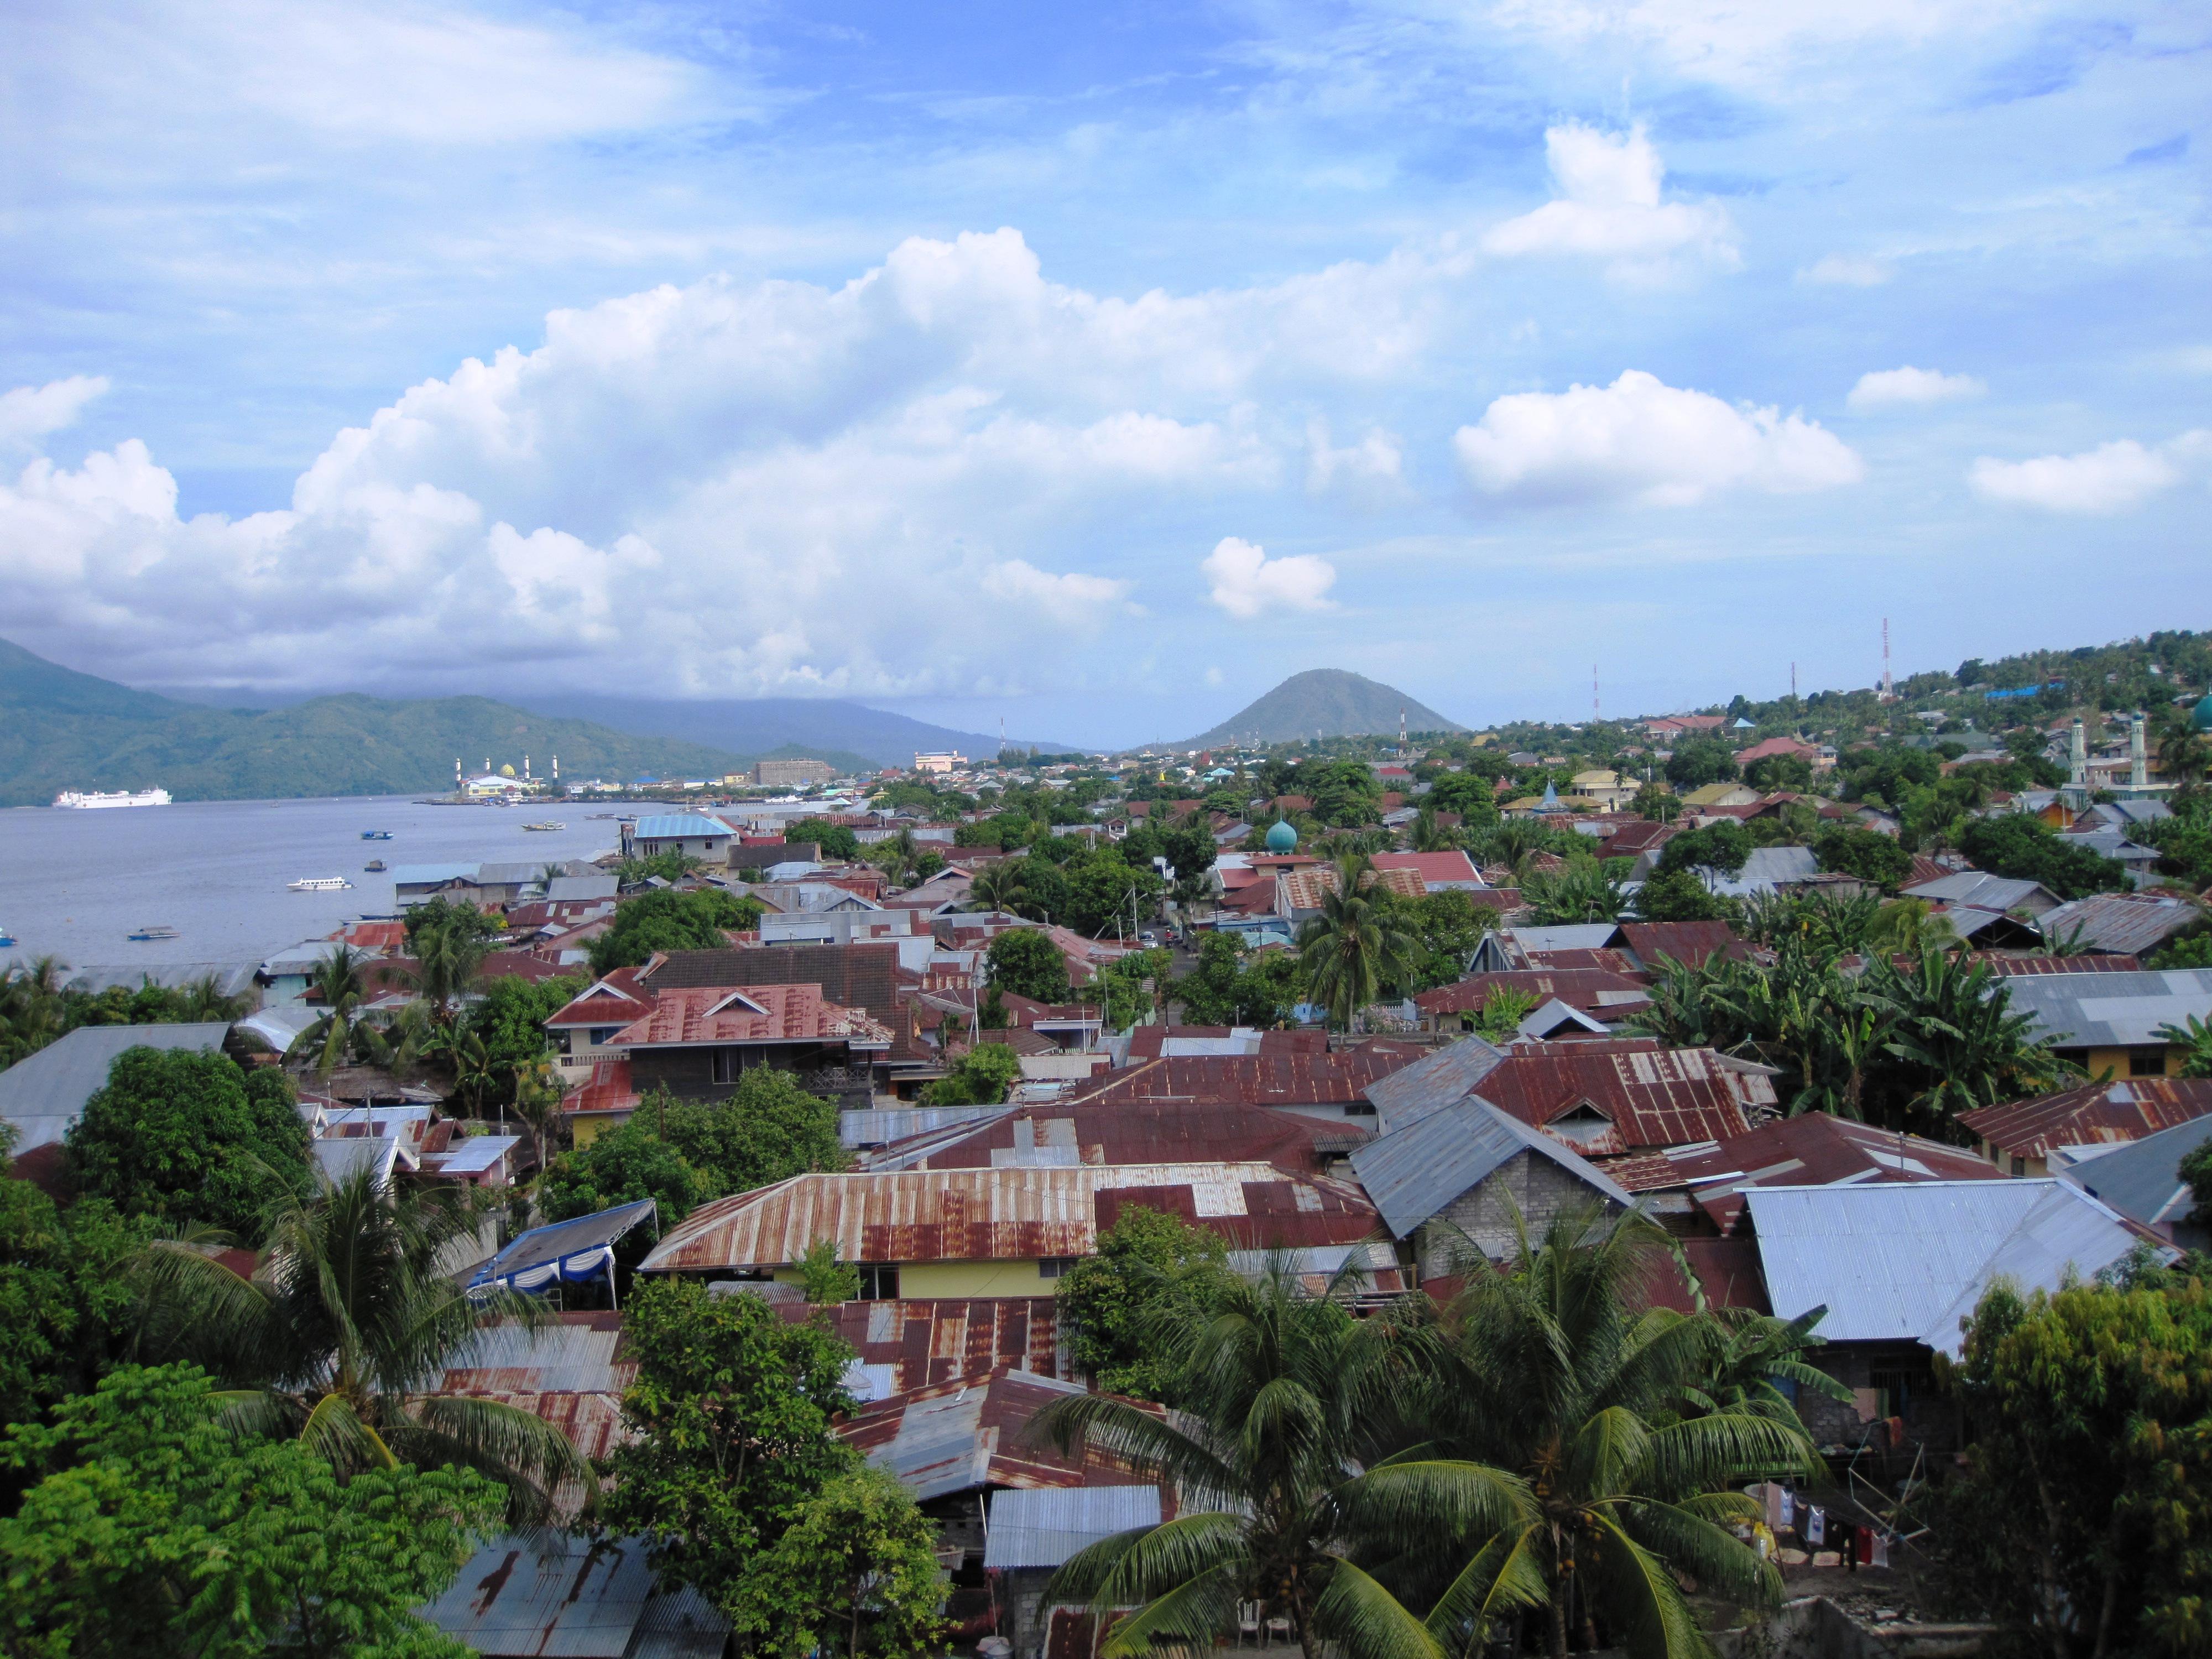 Ternate City httpsuploadwikimediaorgwikipediacommons11